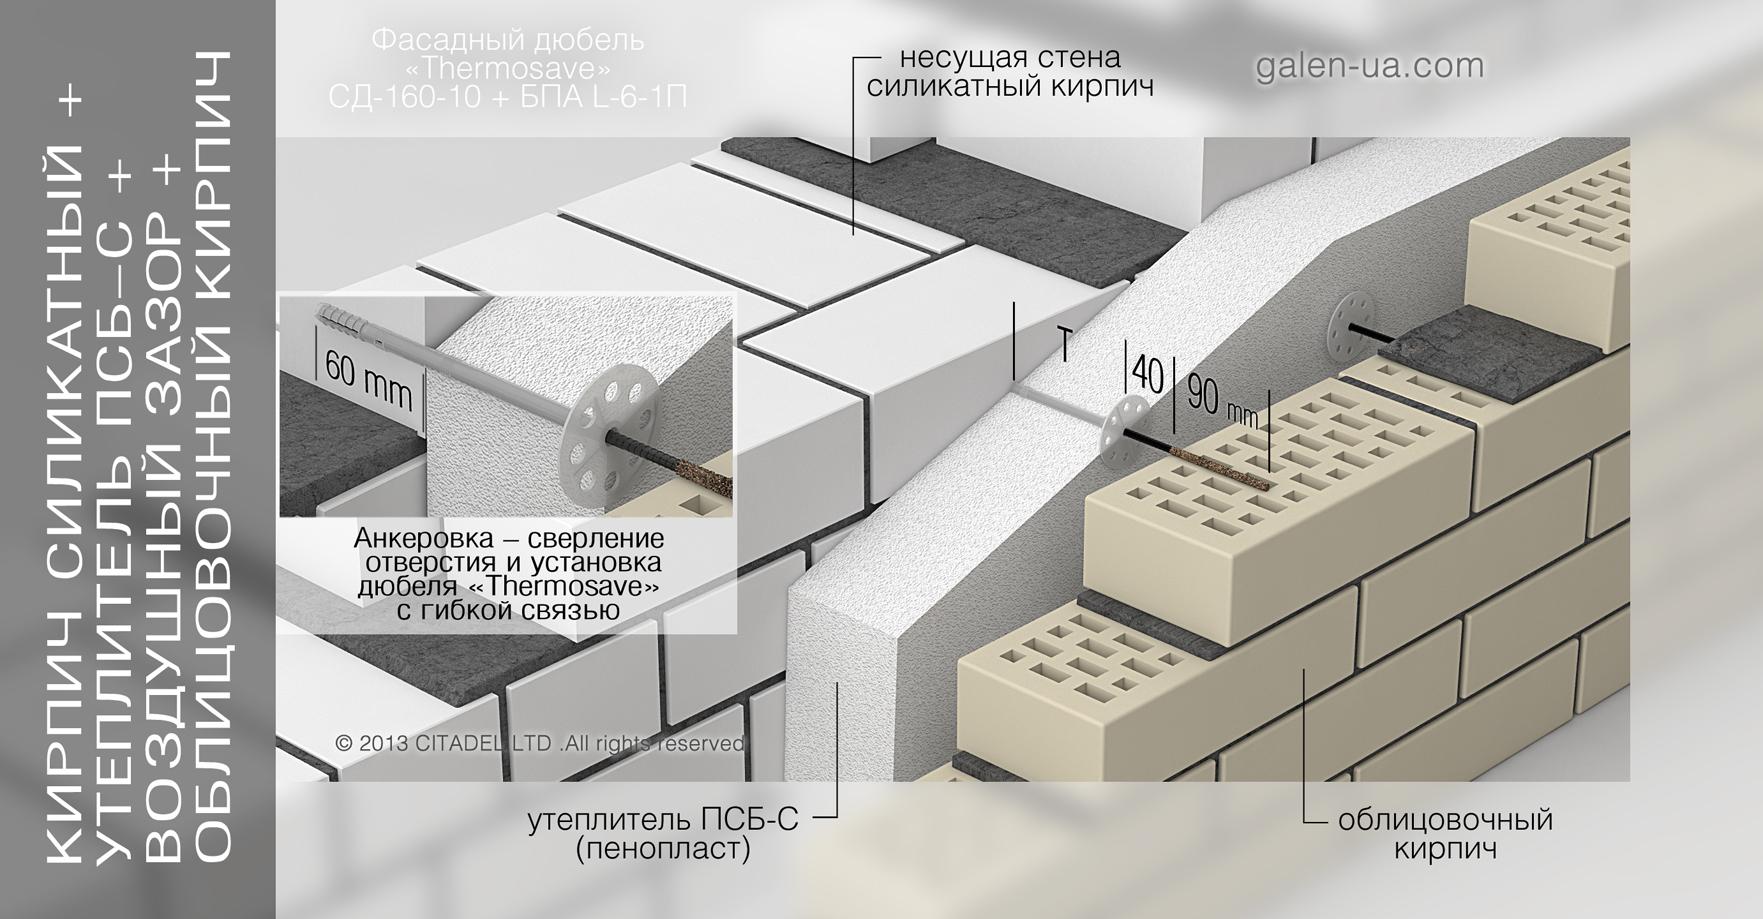 Фасадный дюбель «Thermosave» СД-160-10 + БПА L-6-1П: Кирпич силикатный + Утеплитель ПСБ-С + Воздушный зазор + Облицовочный кирпич